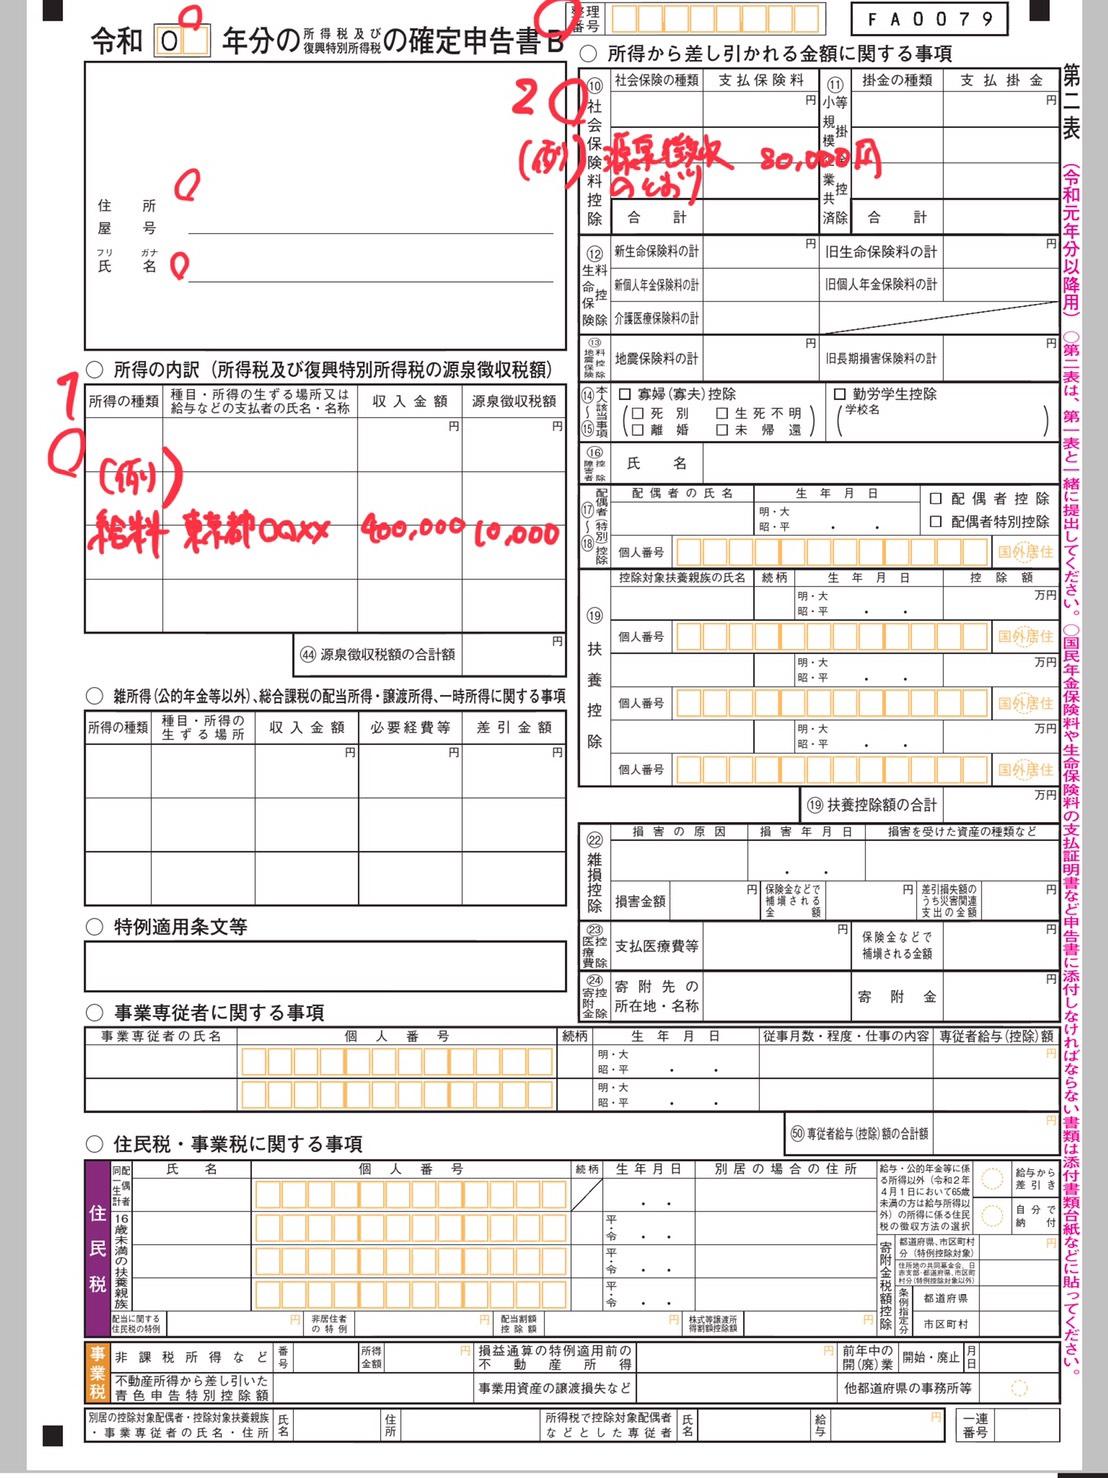 【税務署に行く前に見るべし】フリーランス1年目の確定申告レポート!